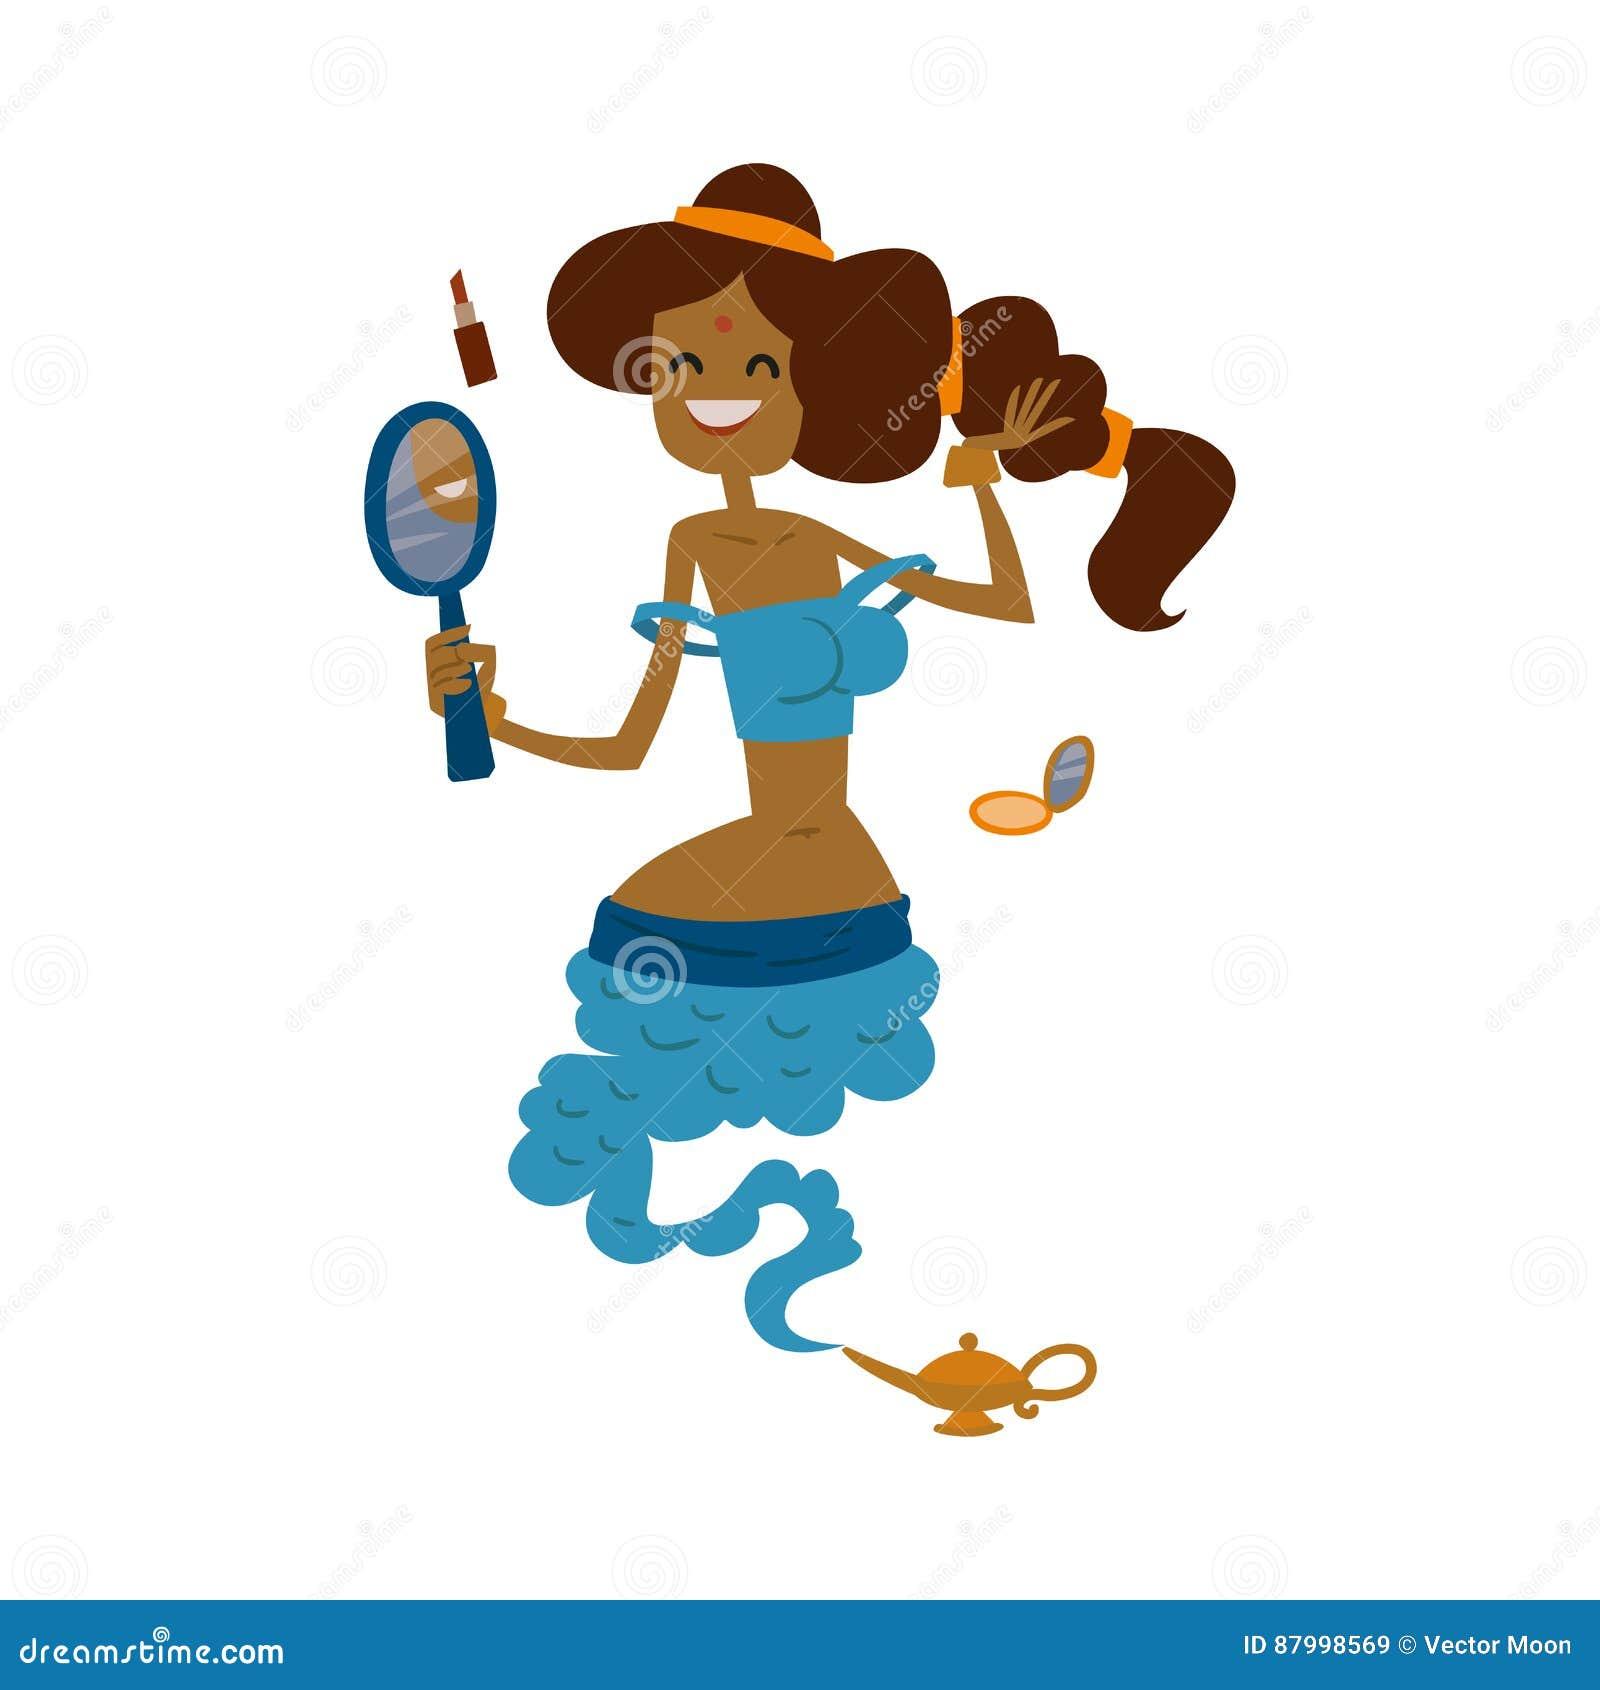 Genie djinn beautiful princess cartoon character magic lamp flat vector illustration treasure arabian aladdin miracle